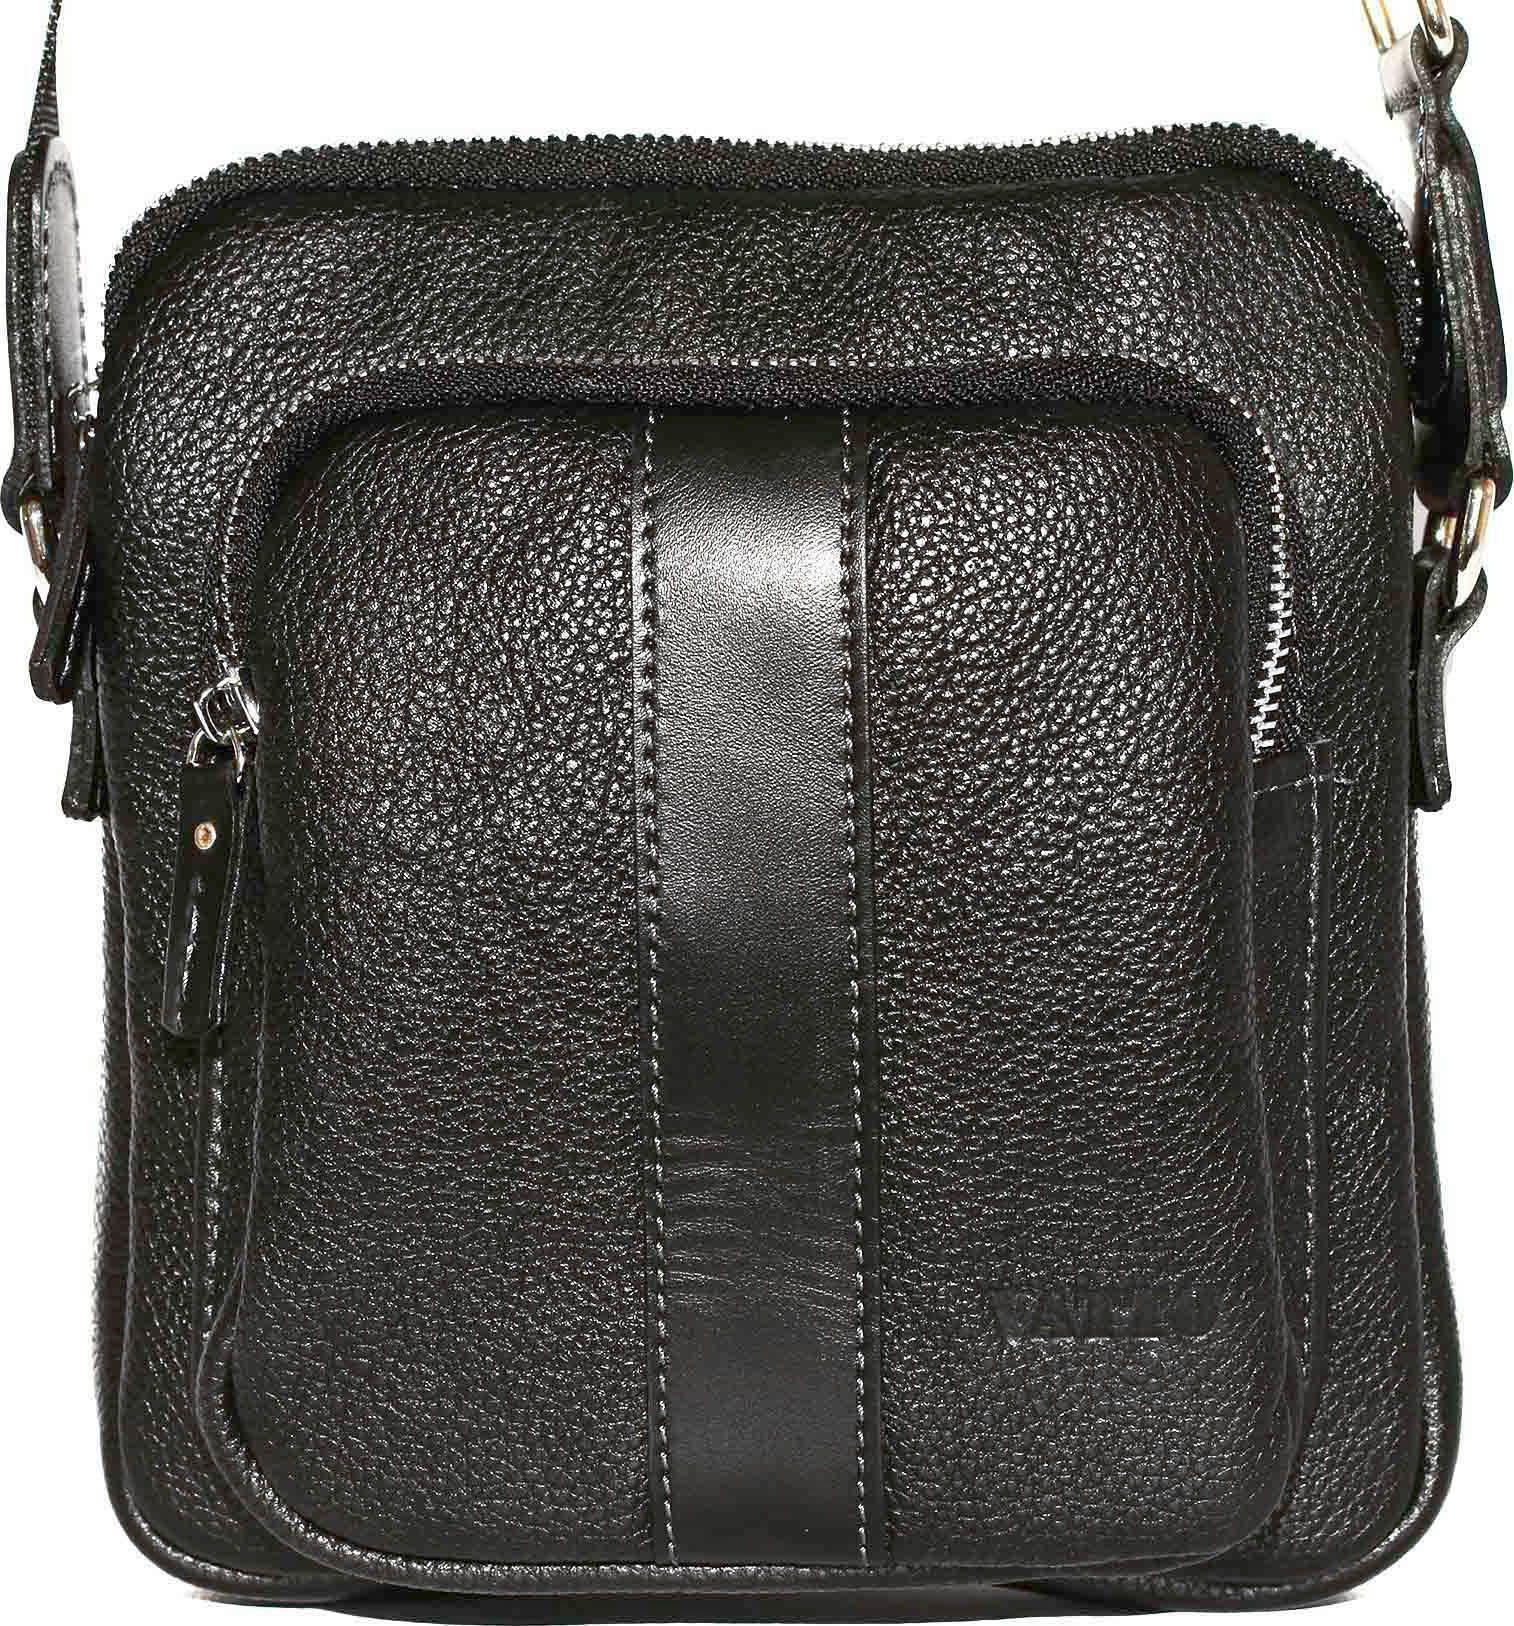 24124ffdf55f Маленькая черная мужская сумка из зернистой кожи VATTO (12087 ...